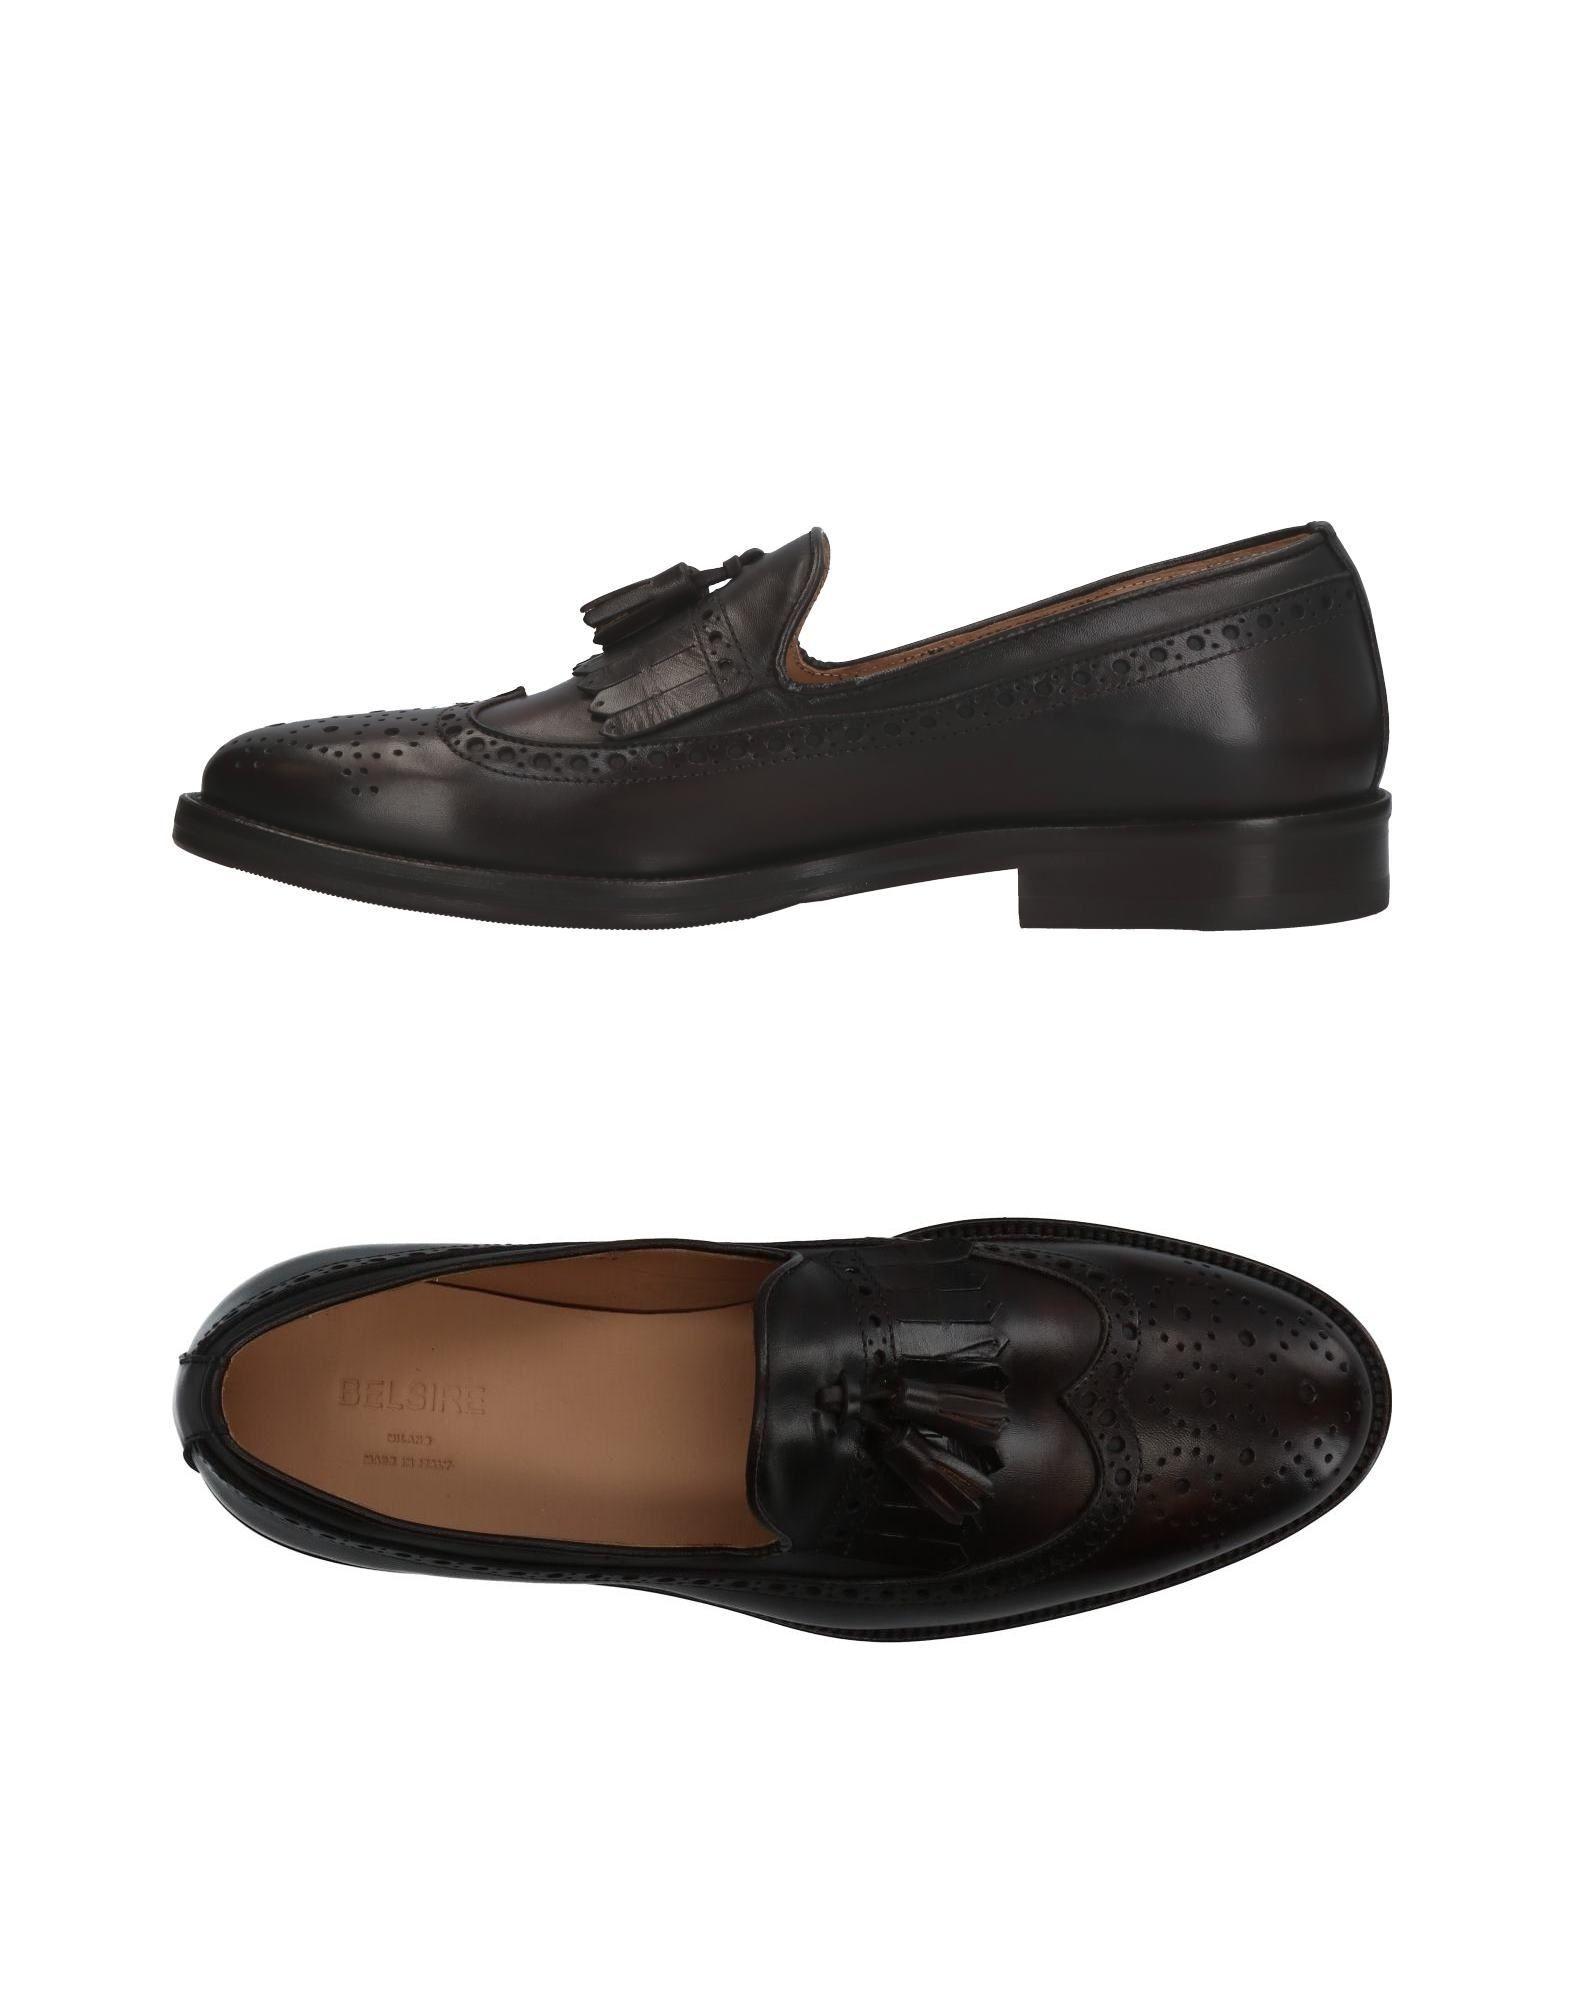 Zapatos Zapatos Zapatos de mujer baratos zapatos de mujer  Mocasín Belsire Hombre - Mocasines Belsire 04a0ab